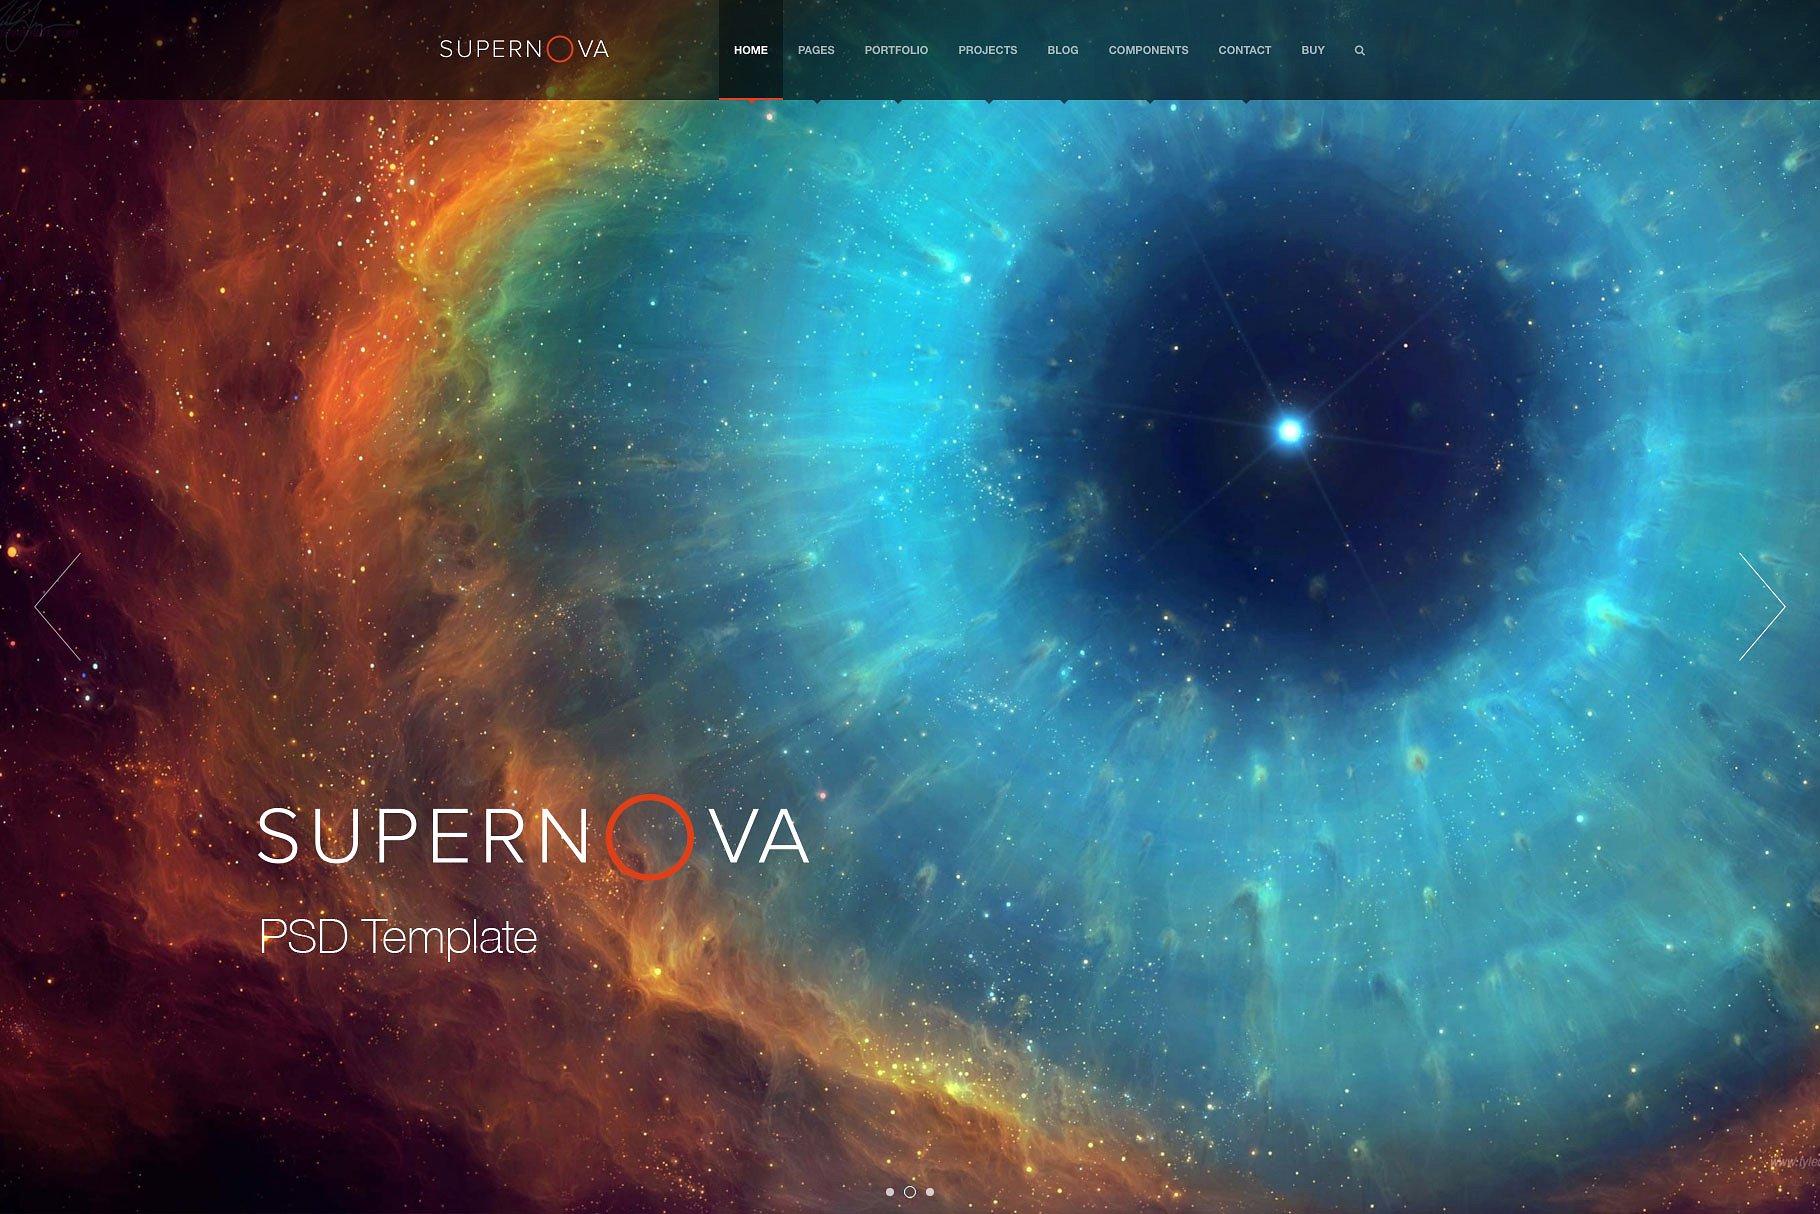 多功能现代风格网页模板 Supernova – PSD Template (Pro) Supernova - PSD Template